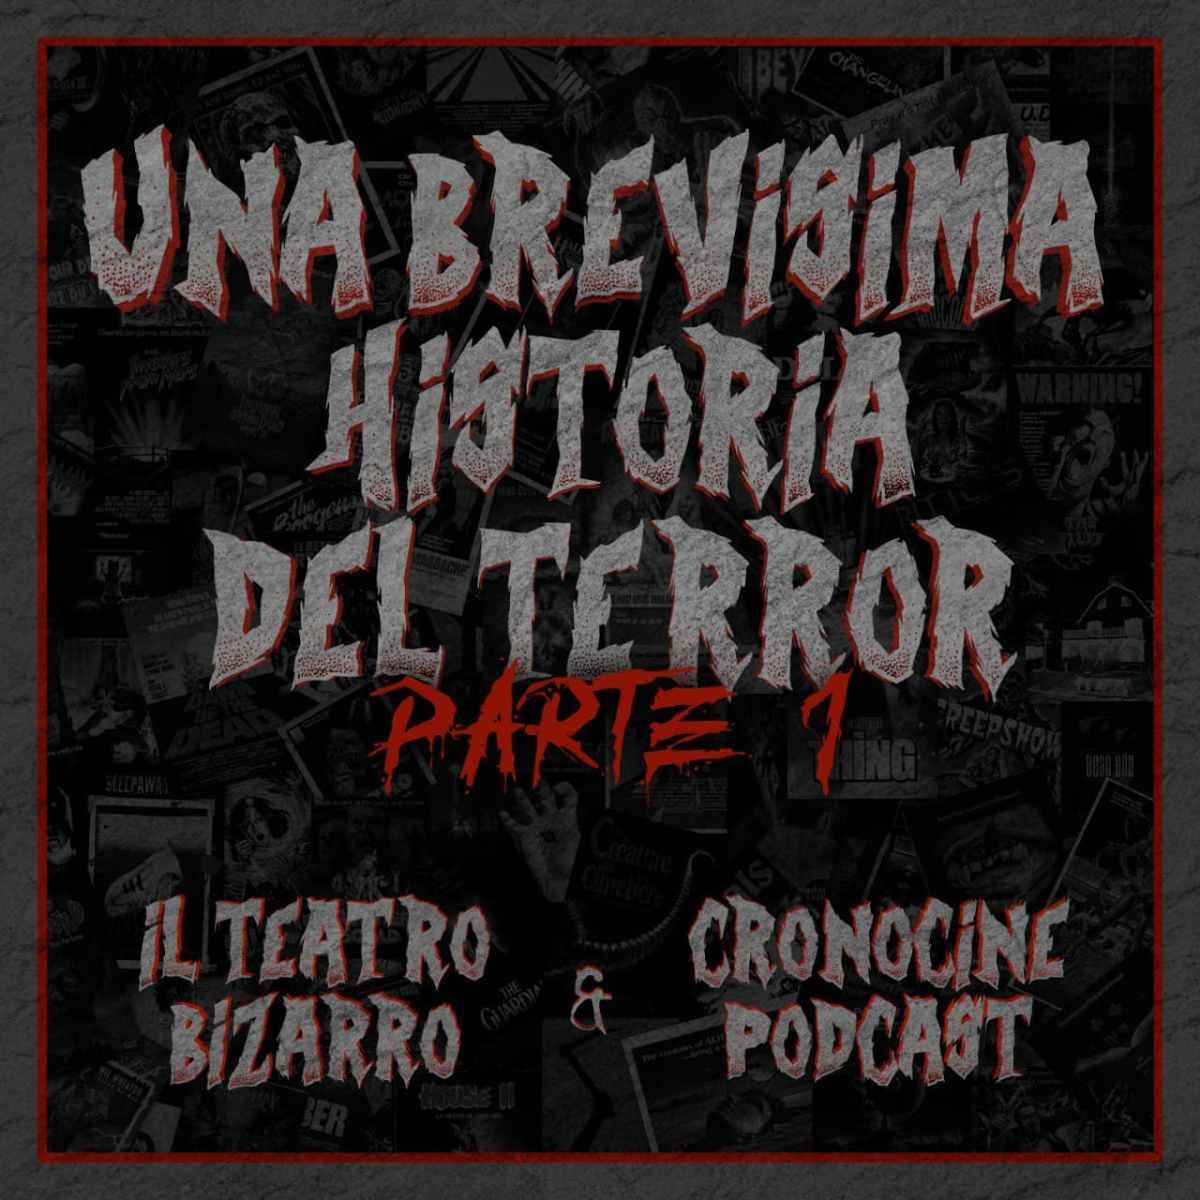 CronoCine Extras: Una Brevísima Historia del Cine de Terror (ft Il Teatro Bizarro)